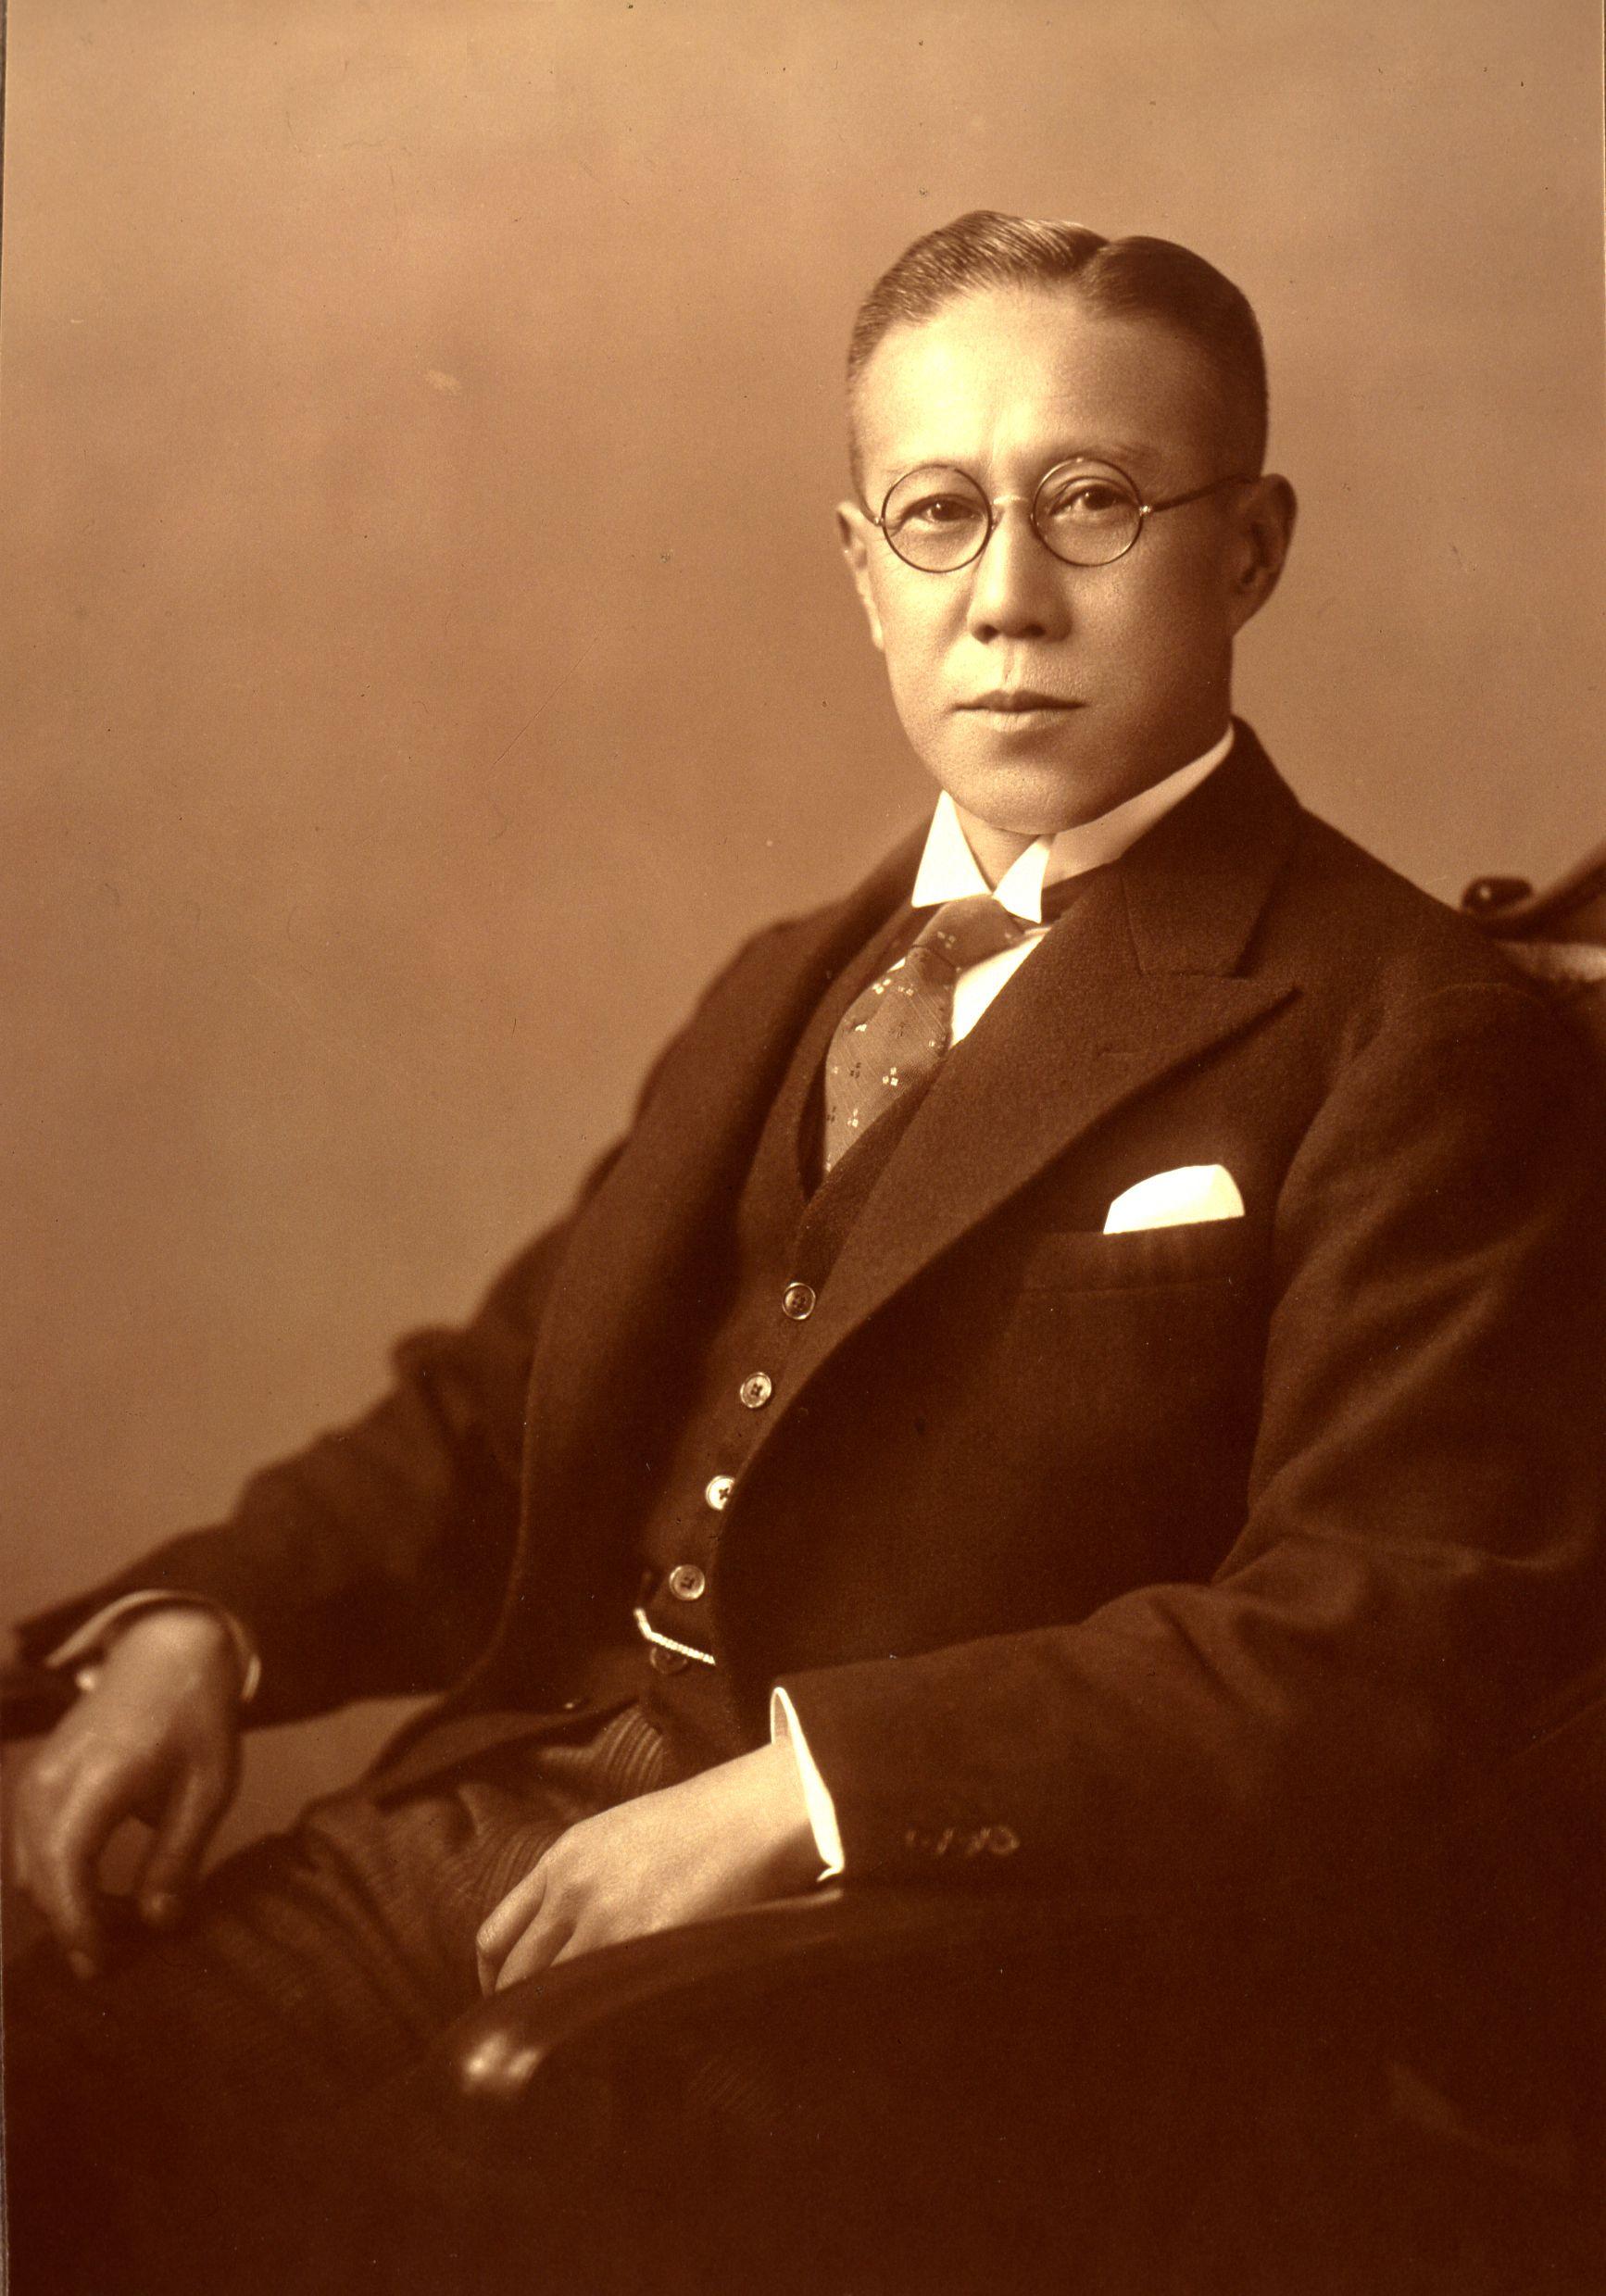 趣味人として知られる大倉だが、横山大観をはじめとする日本画家やオペラ歌手など多くの才能を支援し続けていたことも有名な話だ。